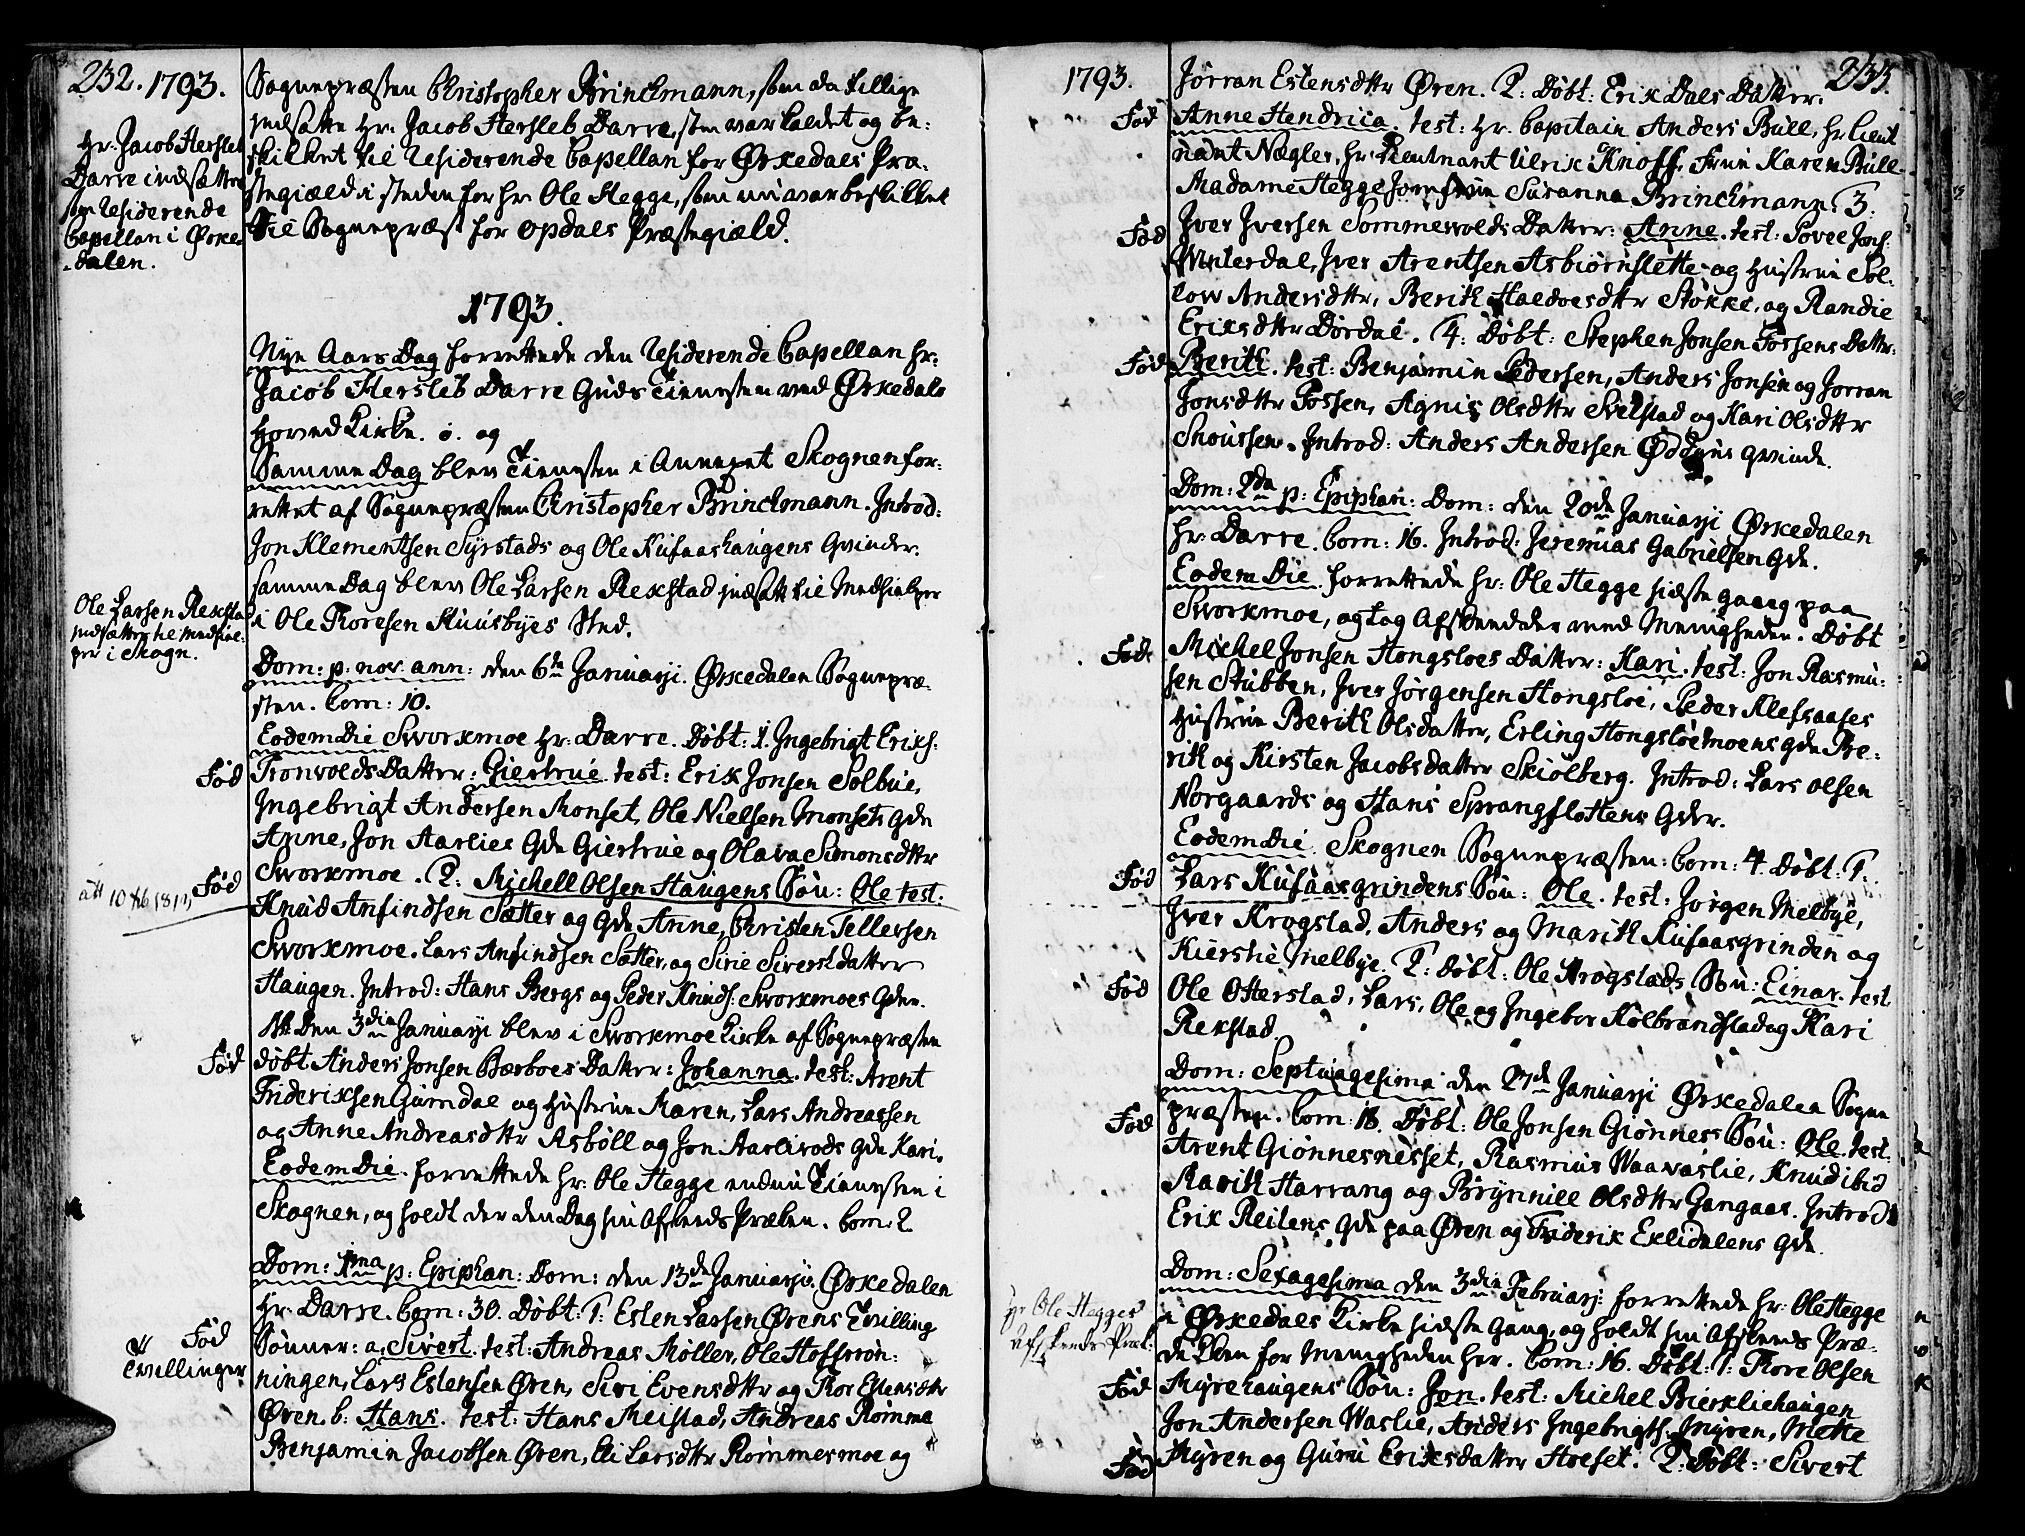 SAT, Ministerialprotokoller, klokkerbøker og fødselsregistre - Sør-Trøndelag, 668/L0802: Ministerialbok nr. 668A02, 1776-1799, s. 232-233